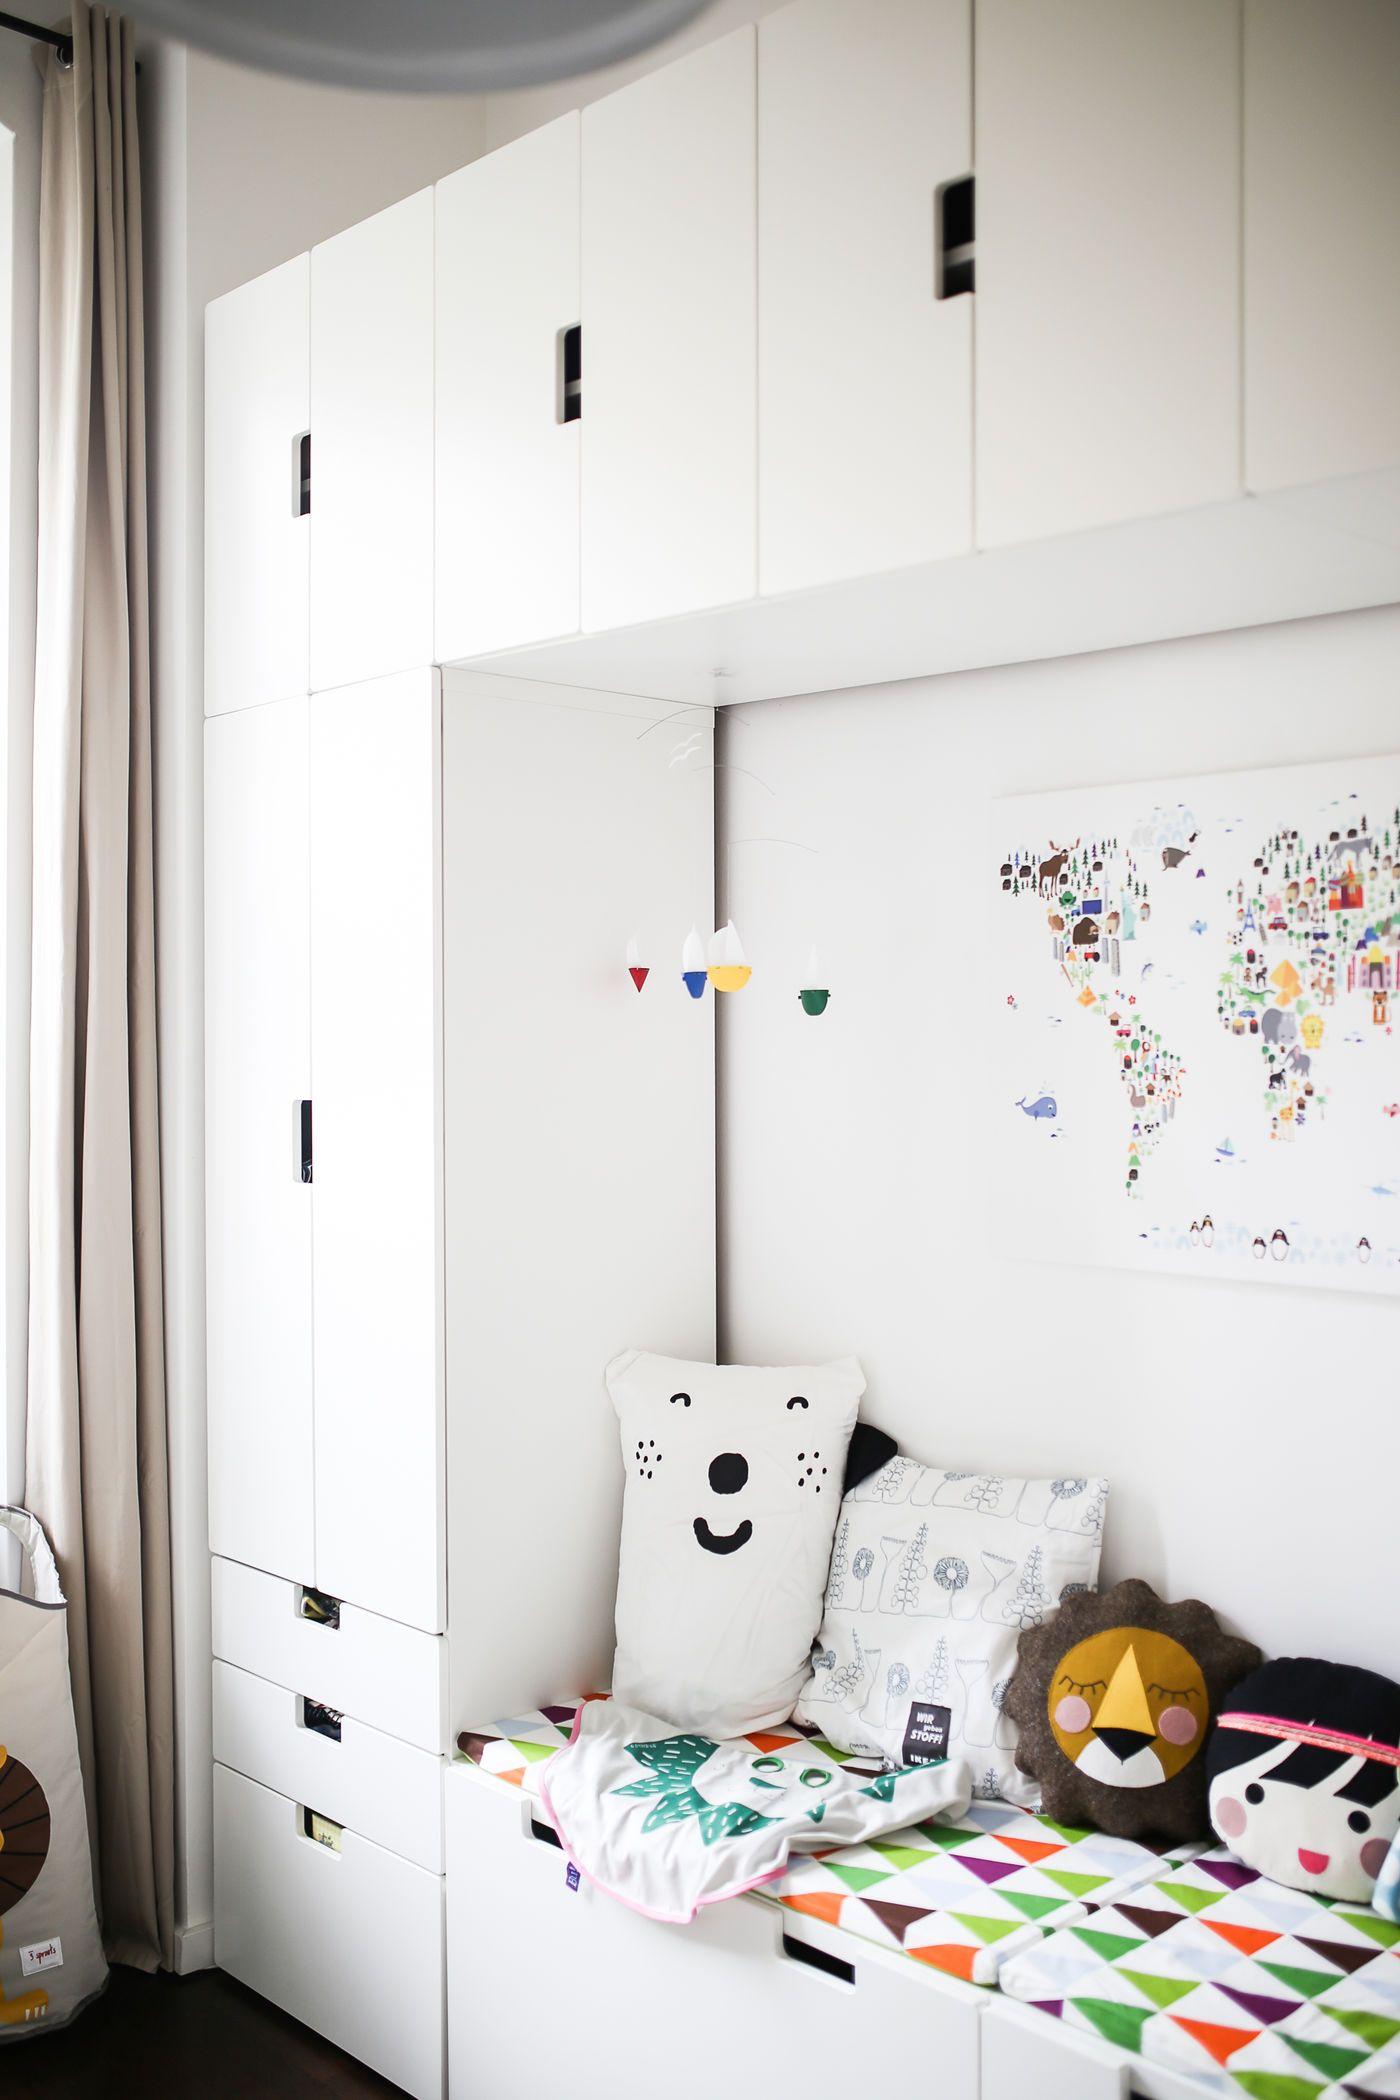 Full Size of Kinderzimmer Aufbewahrung Regal Aufbewahrungssystem Ikea Gebraucht Aufbewahrungskorb Grau Aufbewahrungssysteme Mint Spielzeug Ideen Gross Aufbewahrungsregal Fr Kinderzimmer Kinderzimmer Aufbewahrung